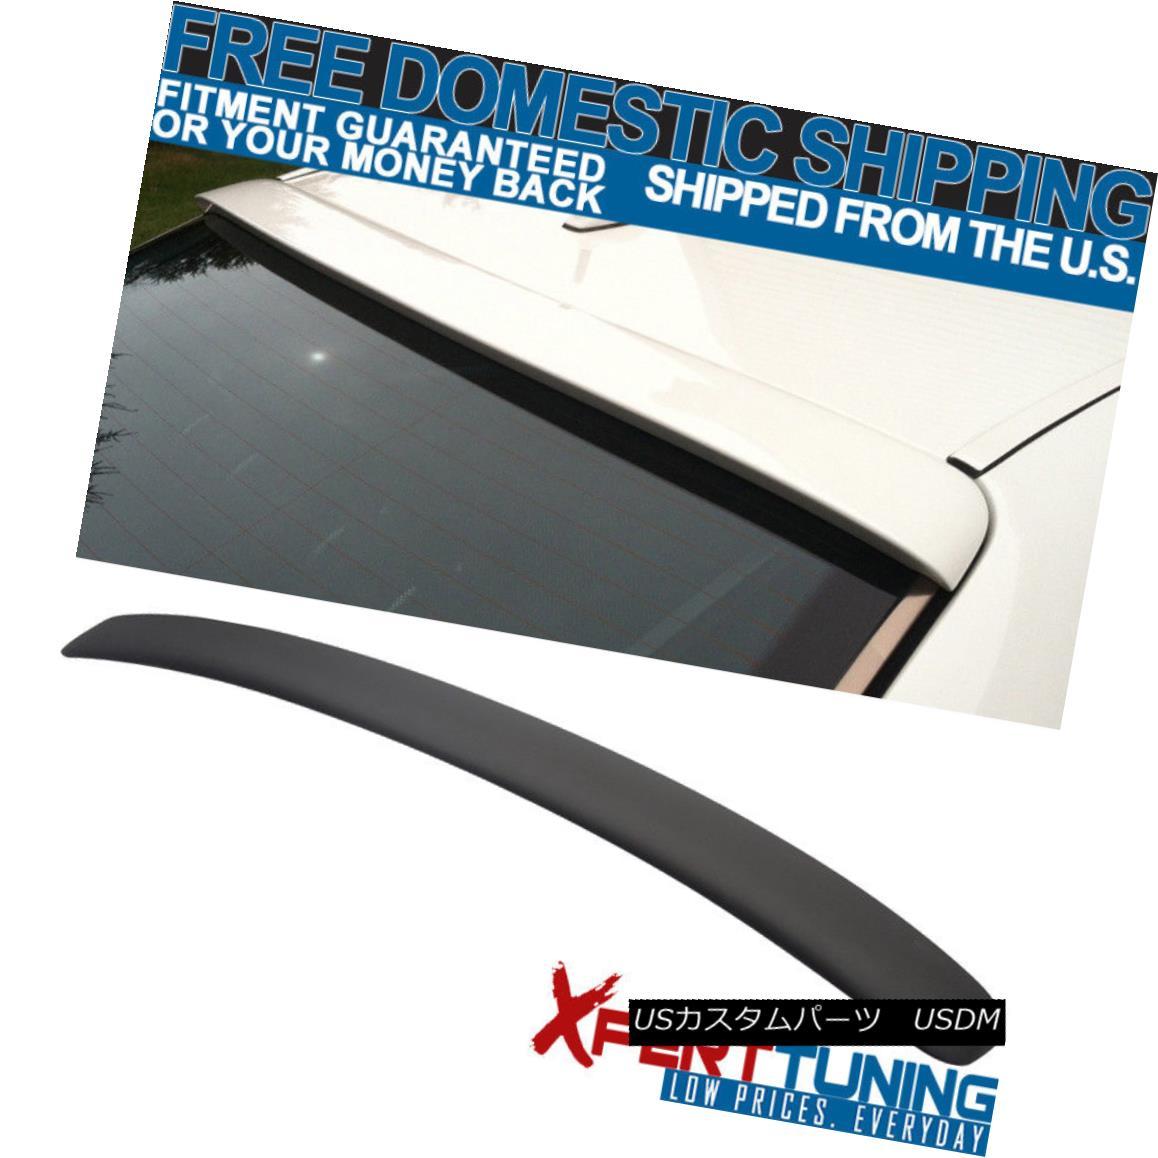 エアロパーツ Open Box Fits 95-01 Benz E-Class W210 4Dr Sedan L Style Matte Black Roof Spoiler オープンボックスフィット95-01ベンツEクラスW210 4DrセダンLスタイルマットブラックルーフスポイラー